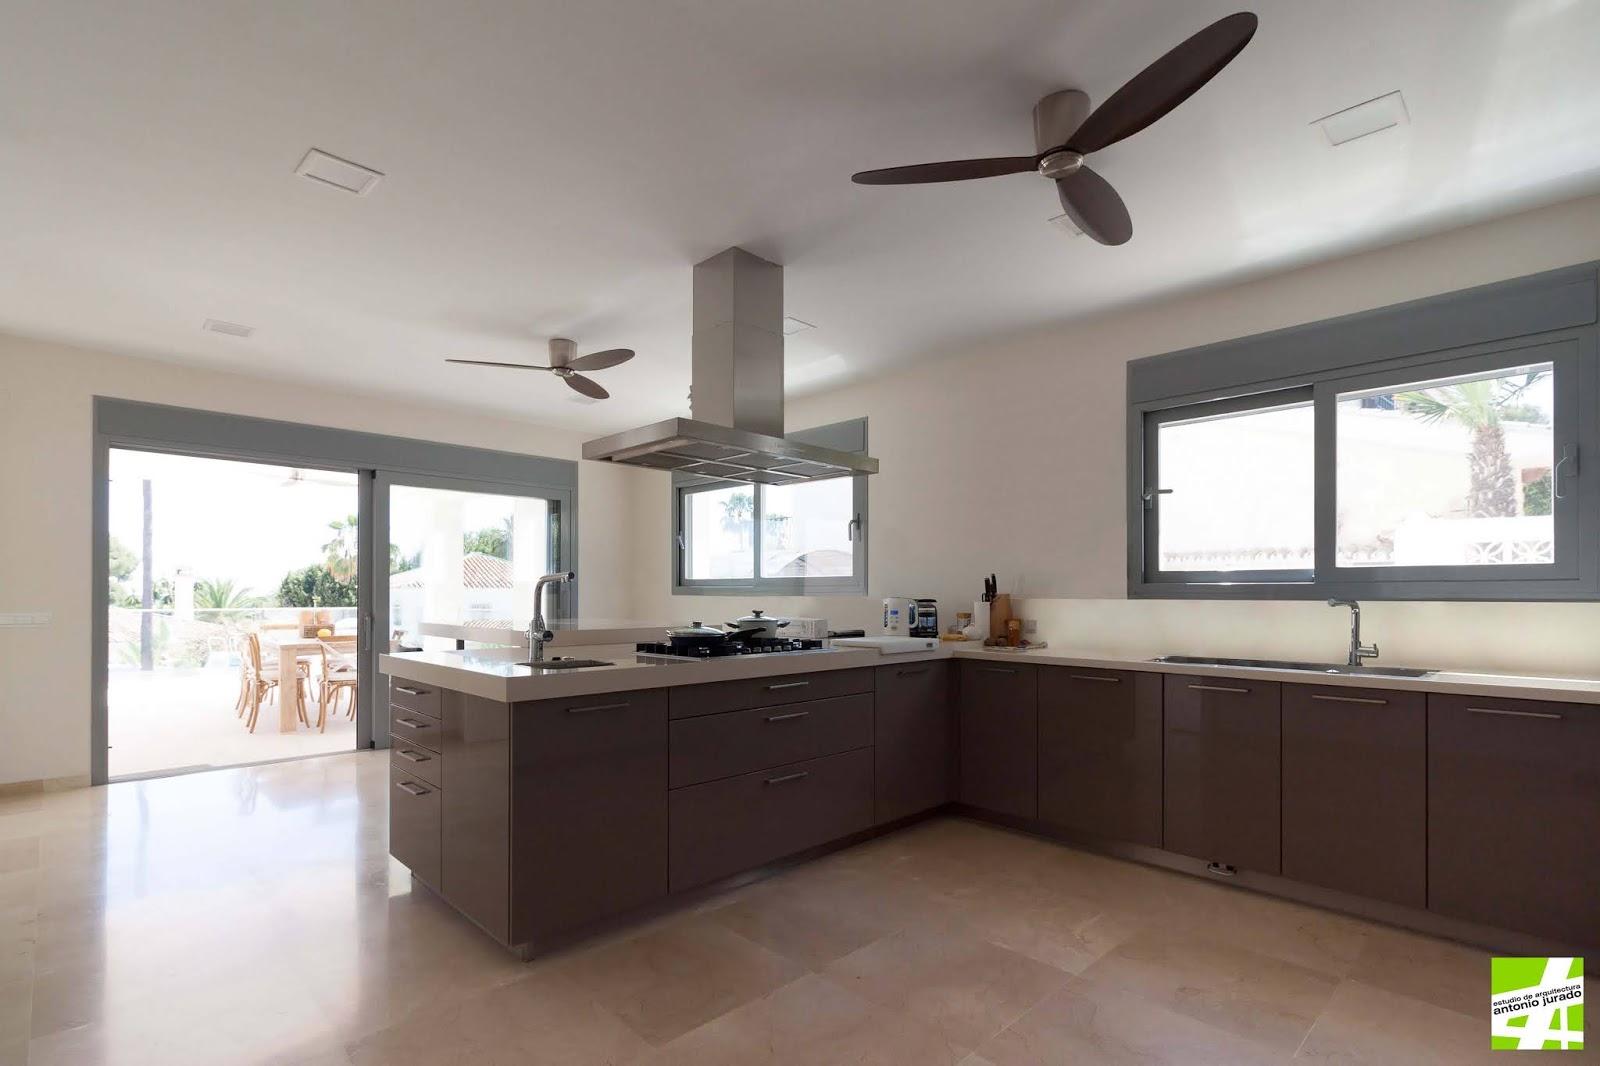 casa-ph-marbella-malaga-antonio-jurado-arquitecto-08